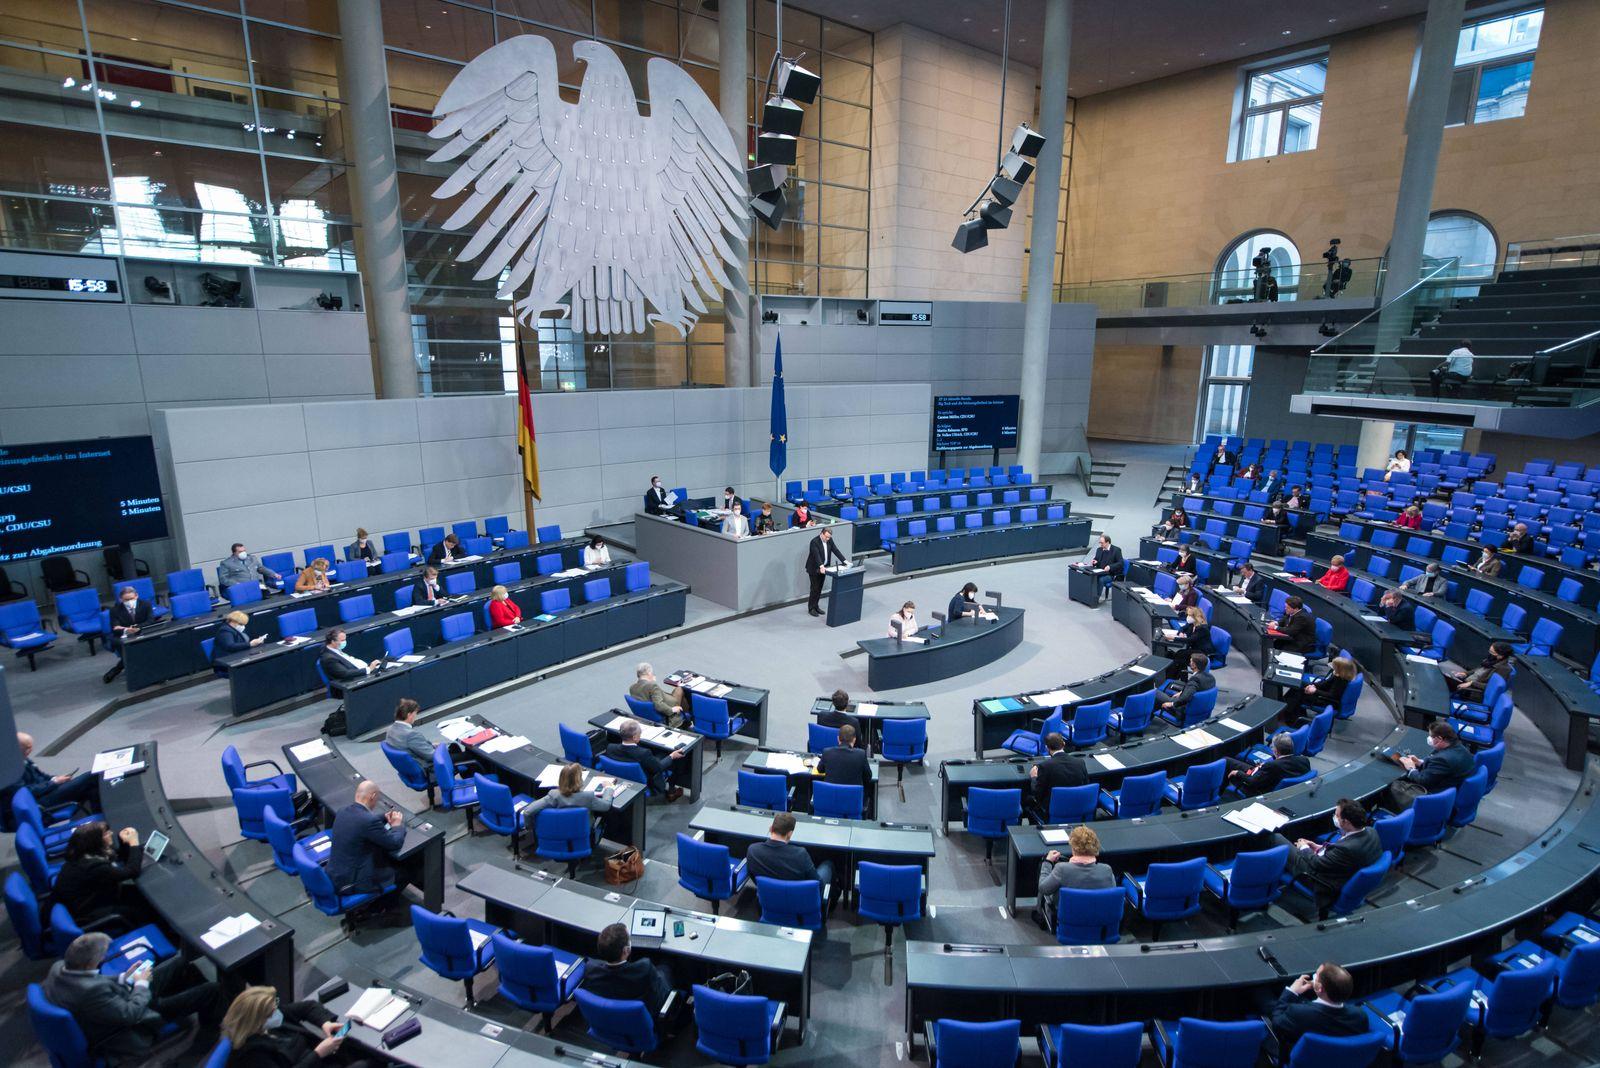 Berlin, Plenarsitzung im Bundestag Der Plenarsaal während der Sitzung des deutschen Bundestags am 28.01.2021. Berlin Bu